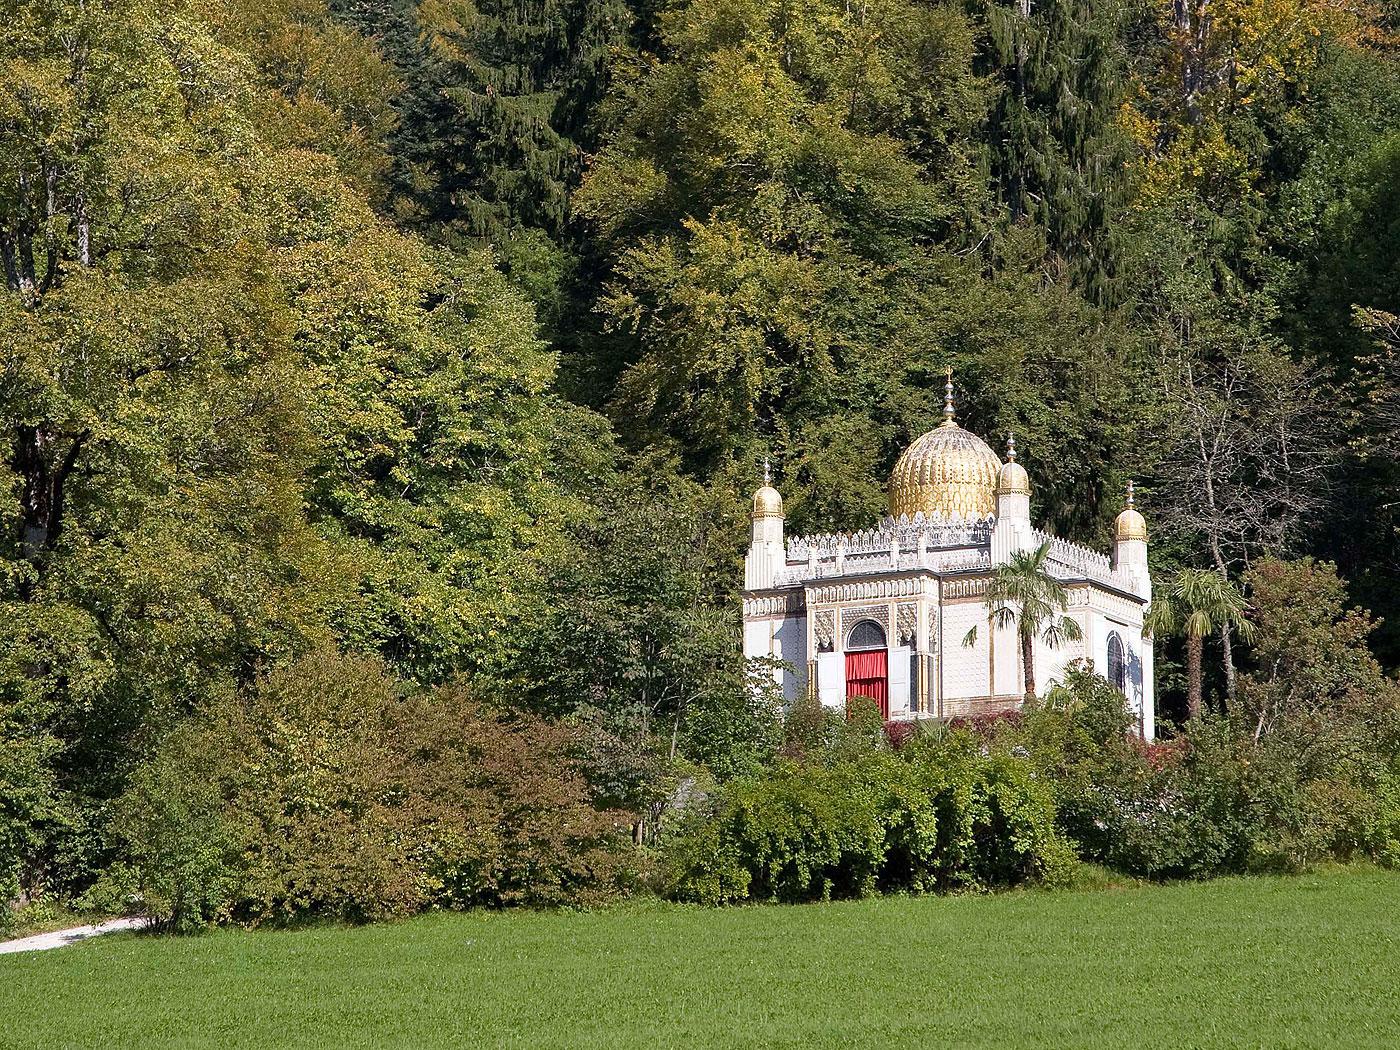 Bayerische Schlösserverwaltung | Gärten | Bastionsgarten Eichstätt